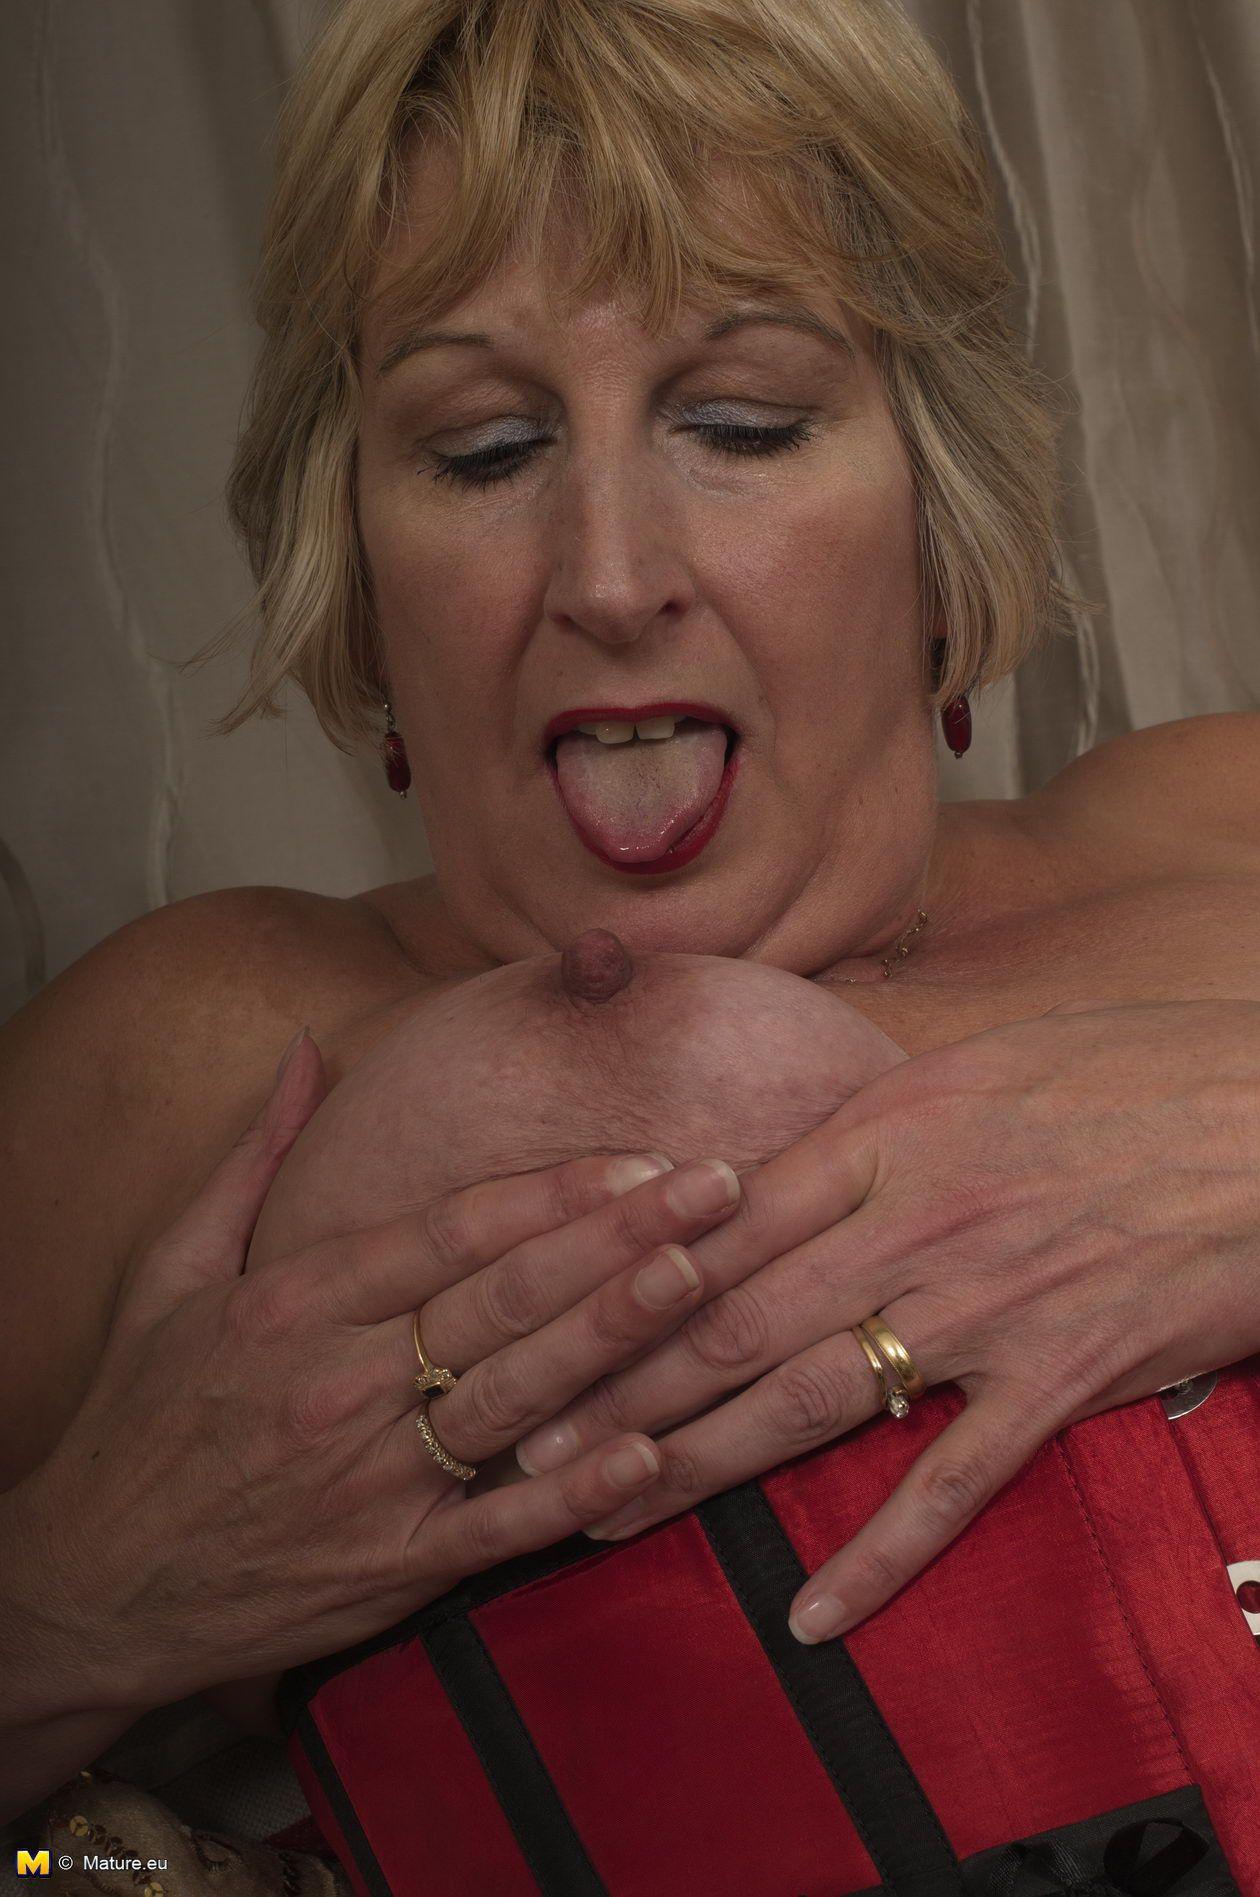 mature uk rosemary | mature.eu rosemary showing her british butt to